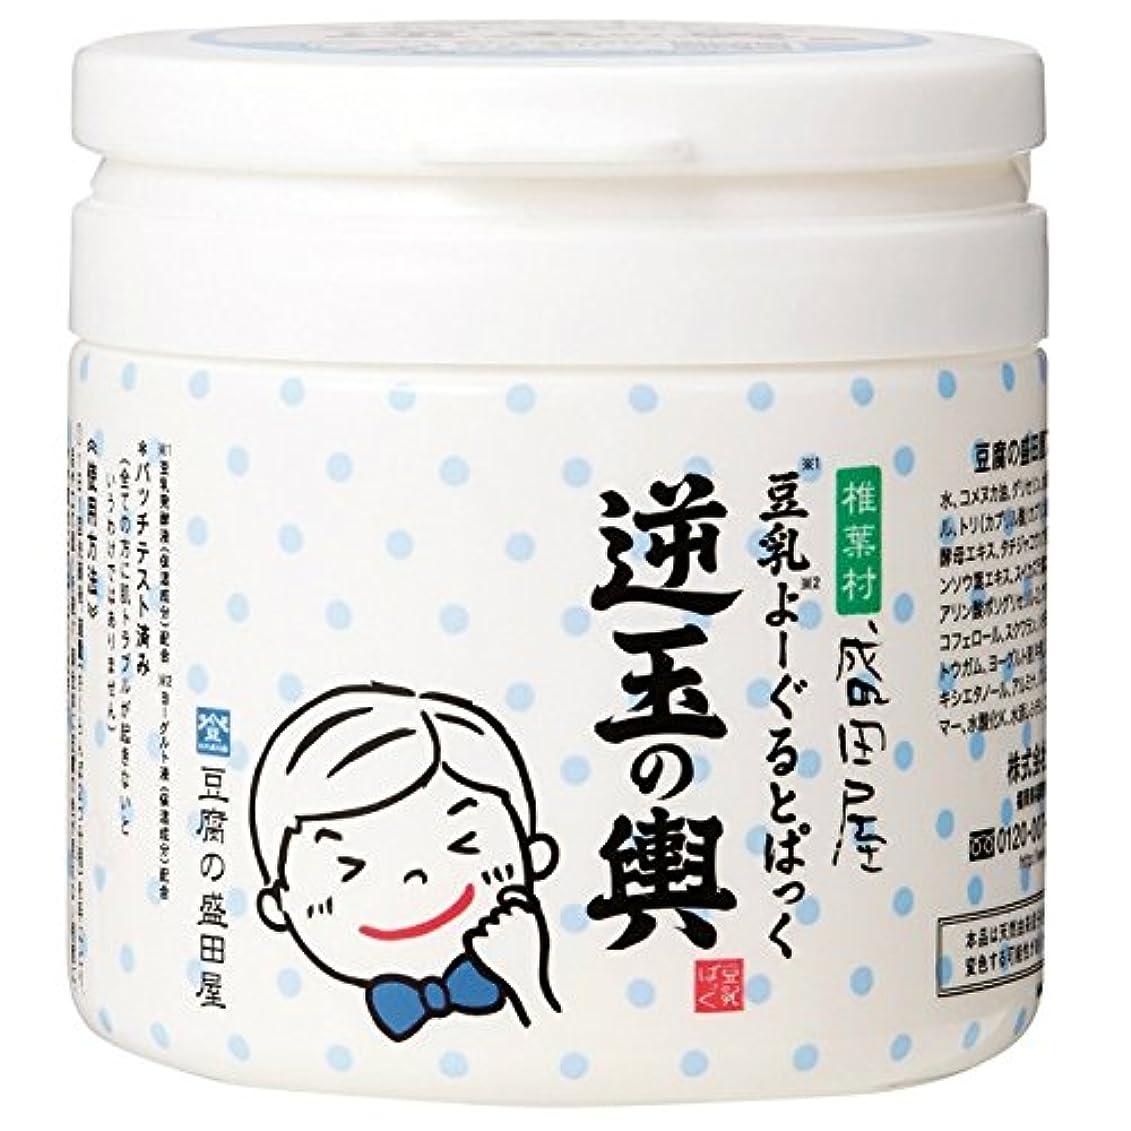 加入ジョイント申請者豆腐の盛田屋 豆乳よーぐるとぱっく 逆玉の輿 150g